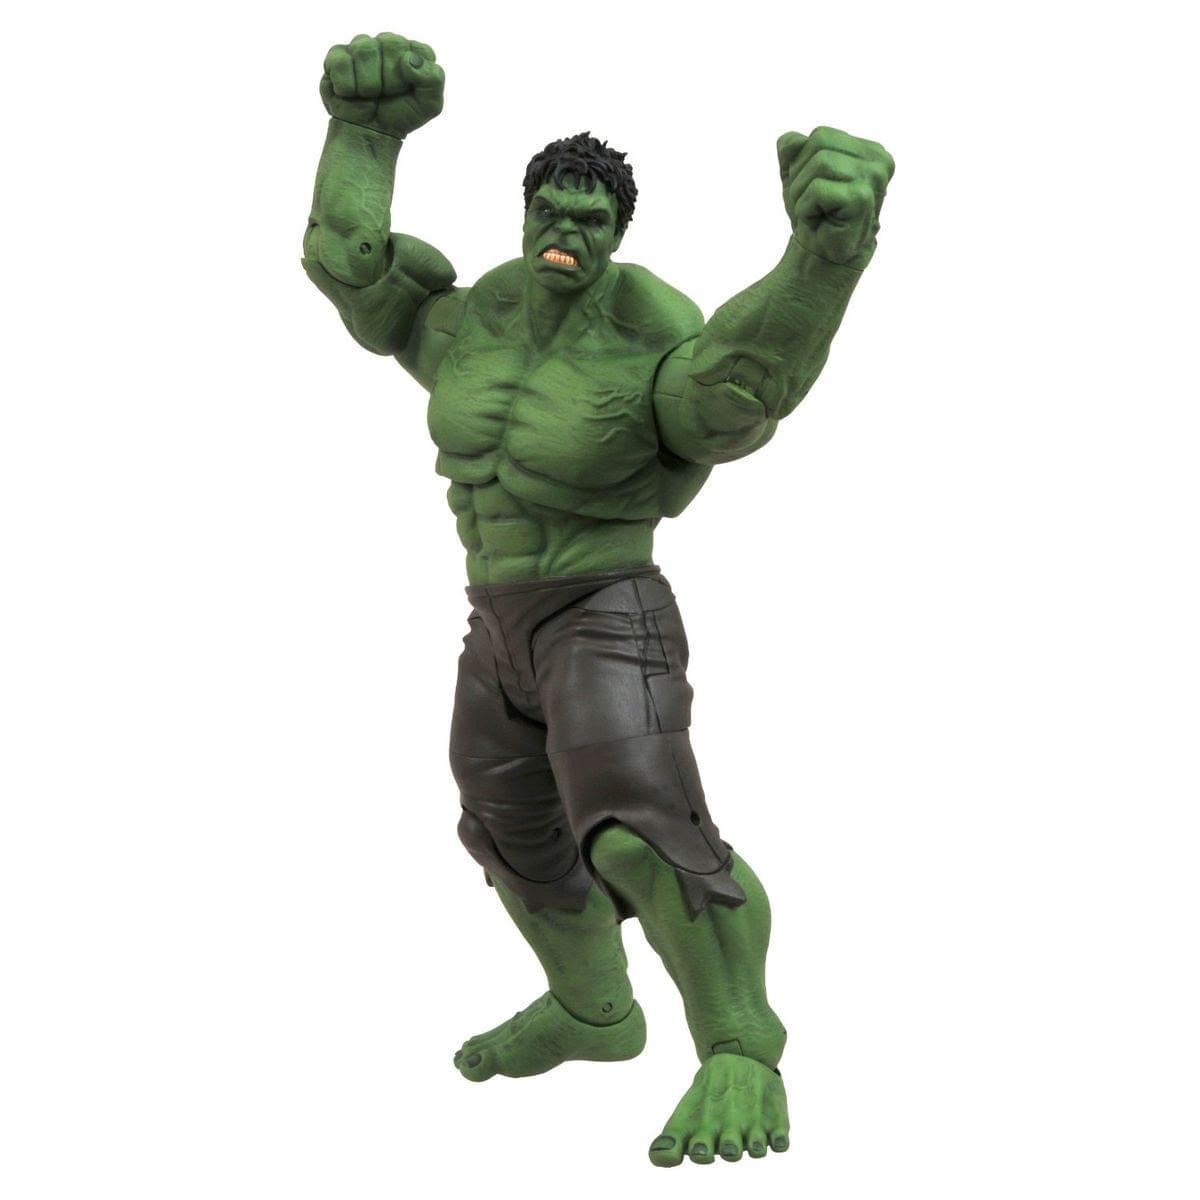 Уценка! Фигурка Marvel Халк из к\ф Мстители - Hulk, Avengers, Marvel Select